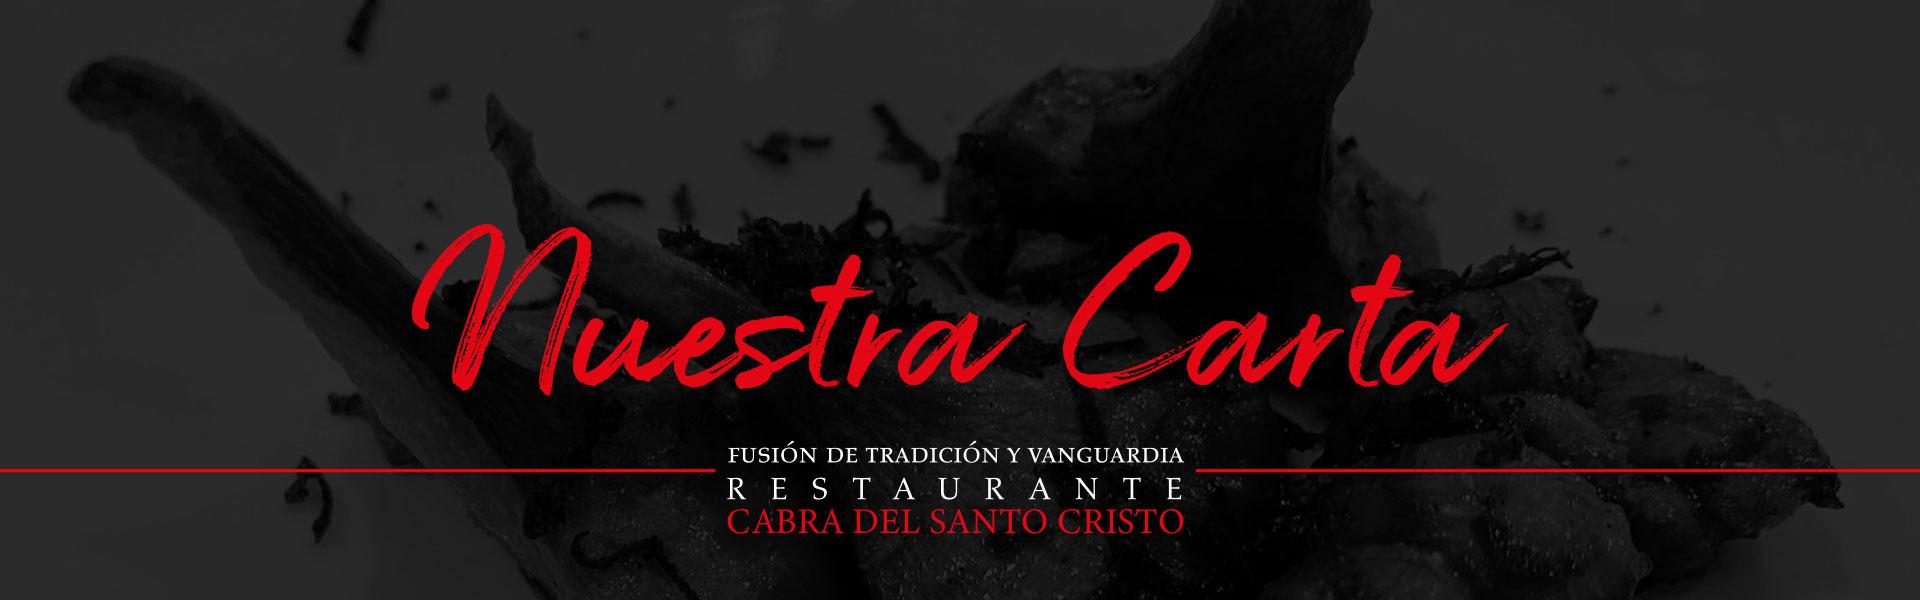 Cabecera-Nuestra-Carta